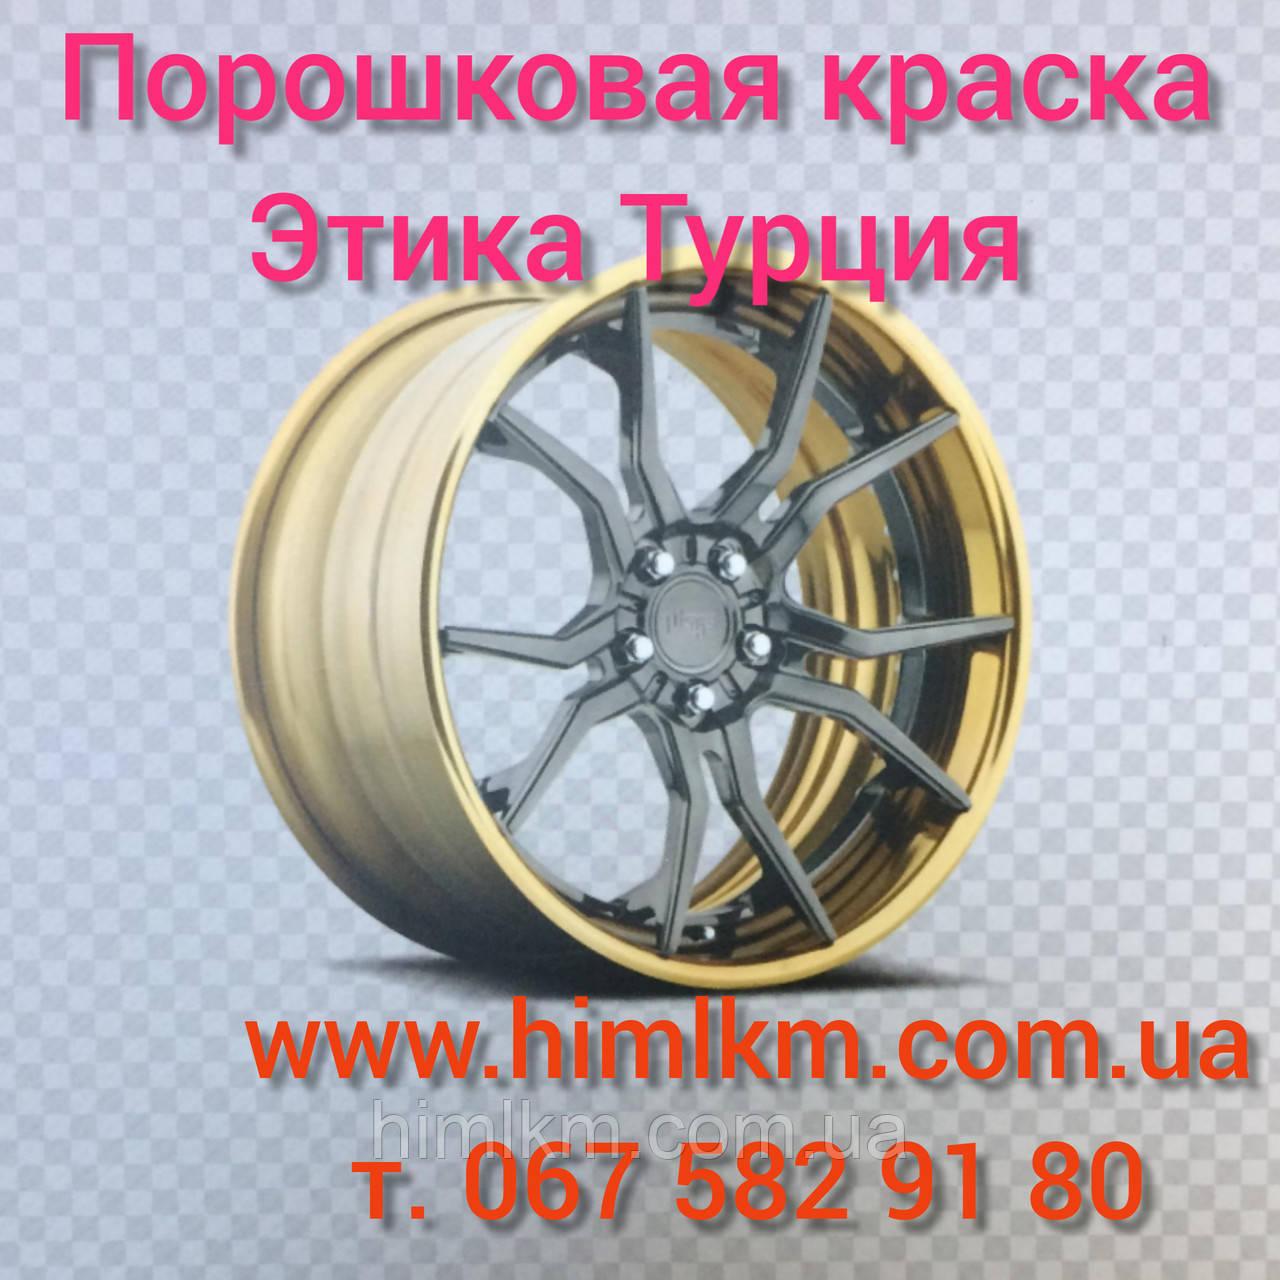 Порошковая краска для автомобильных дисков Этика Турция Etika